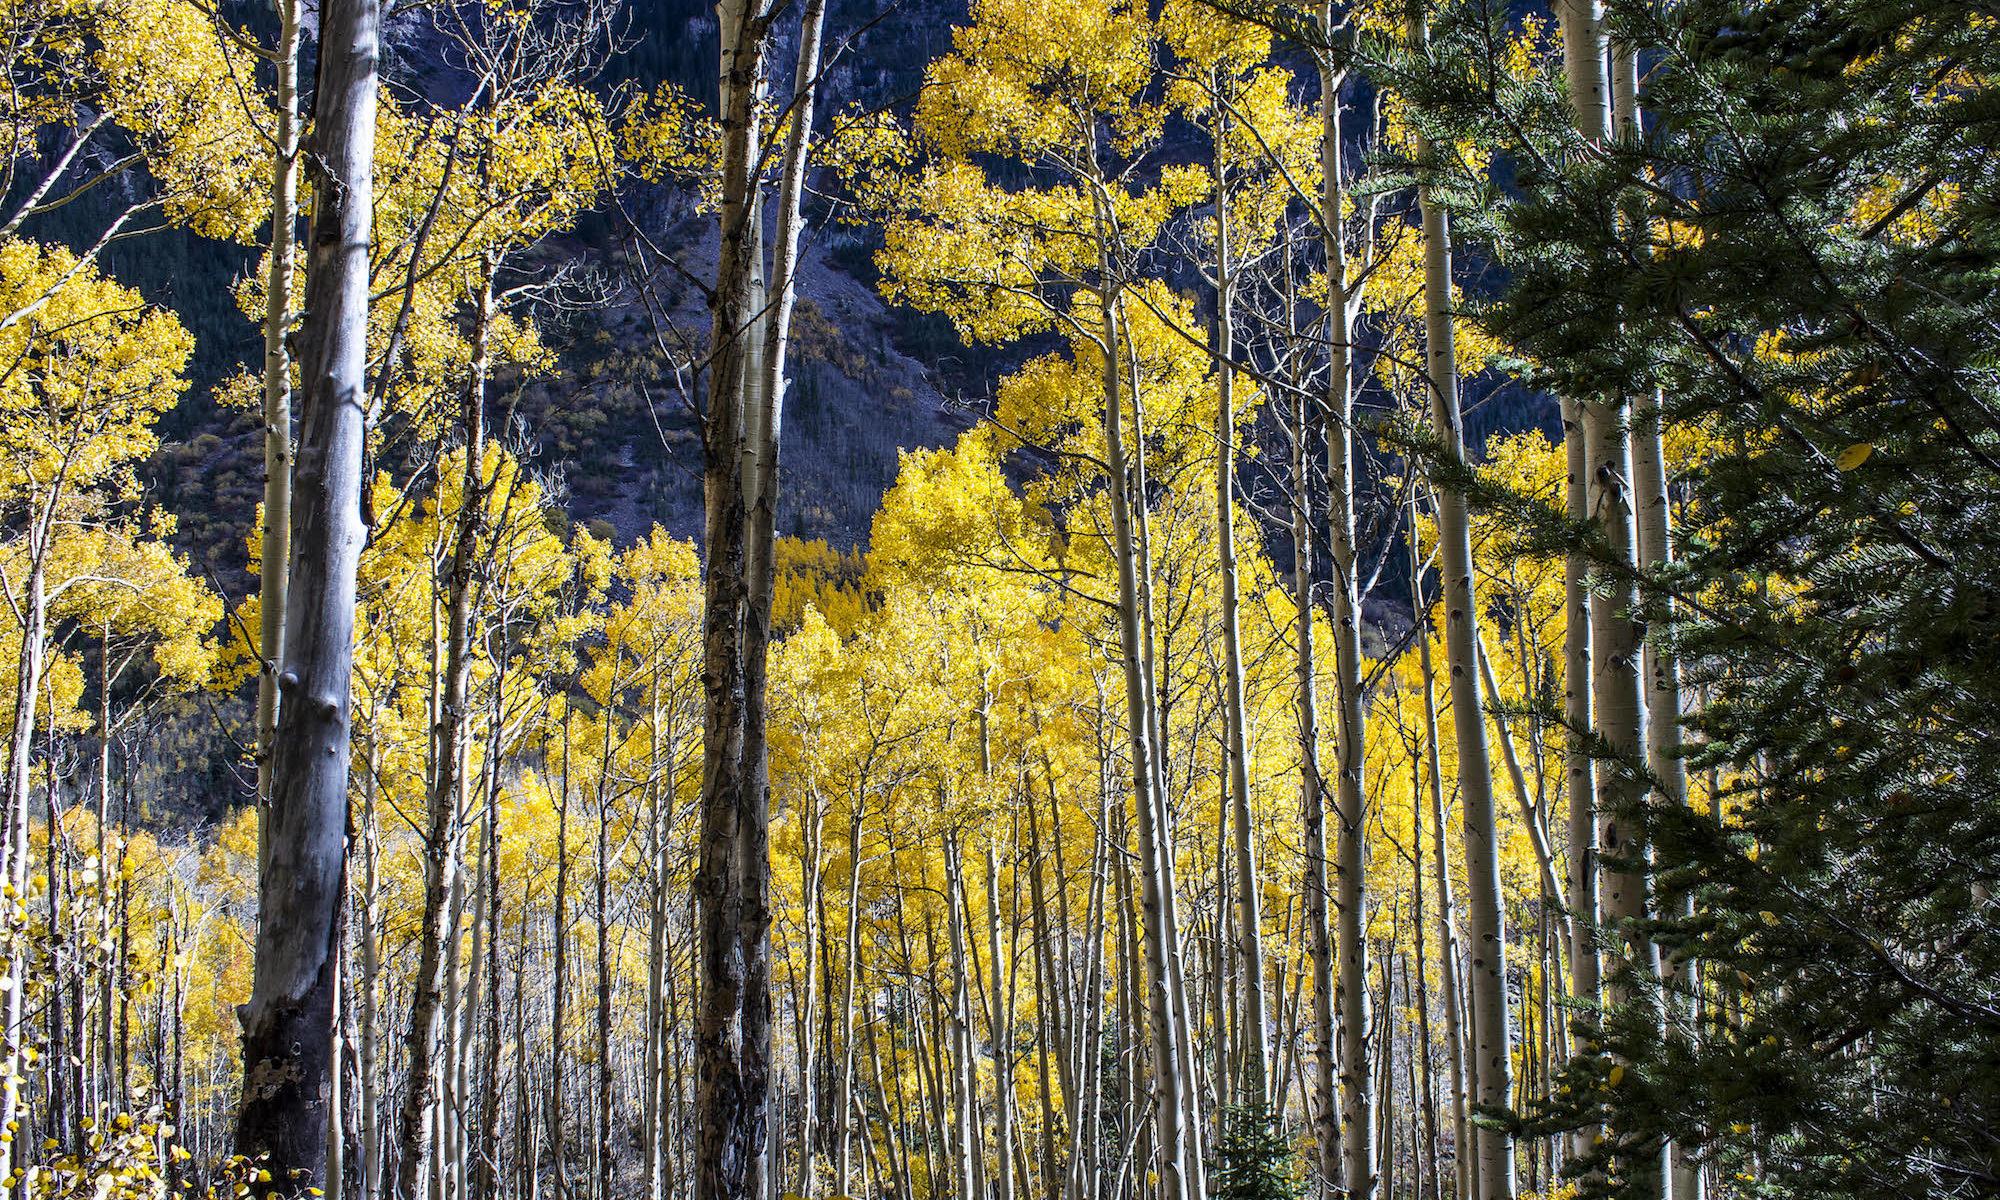 Aspens in Colorado